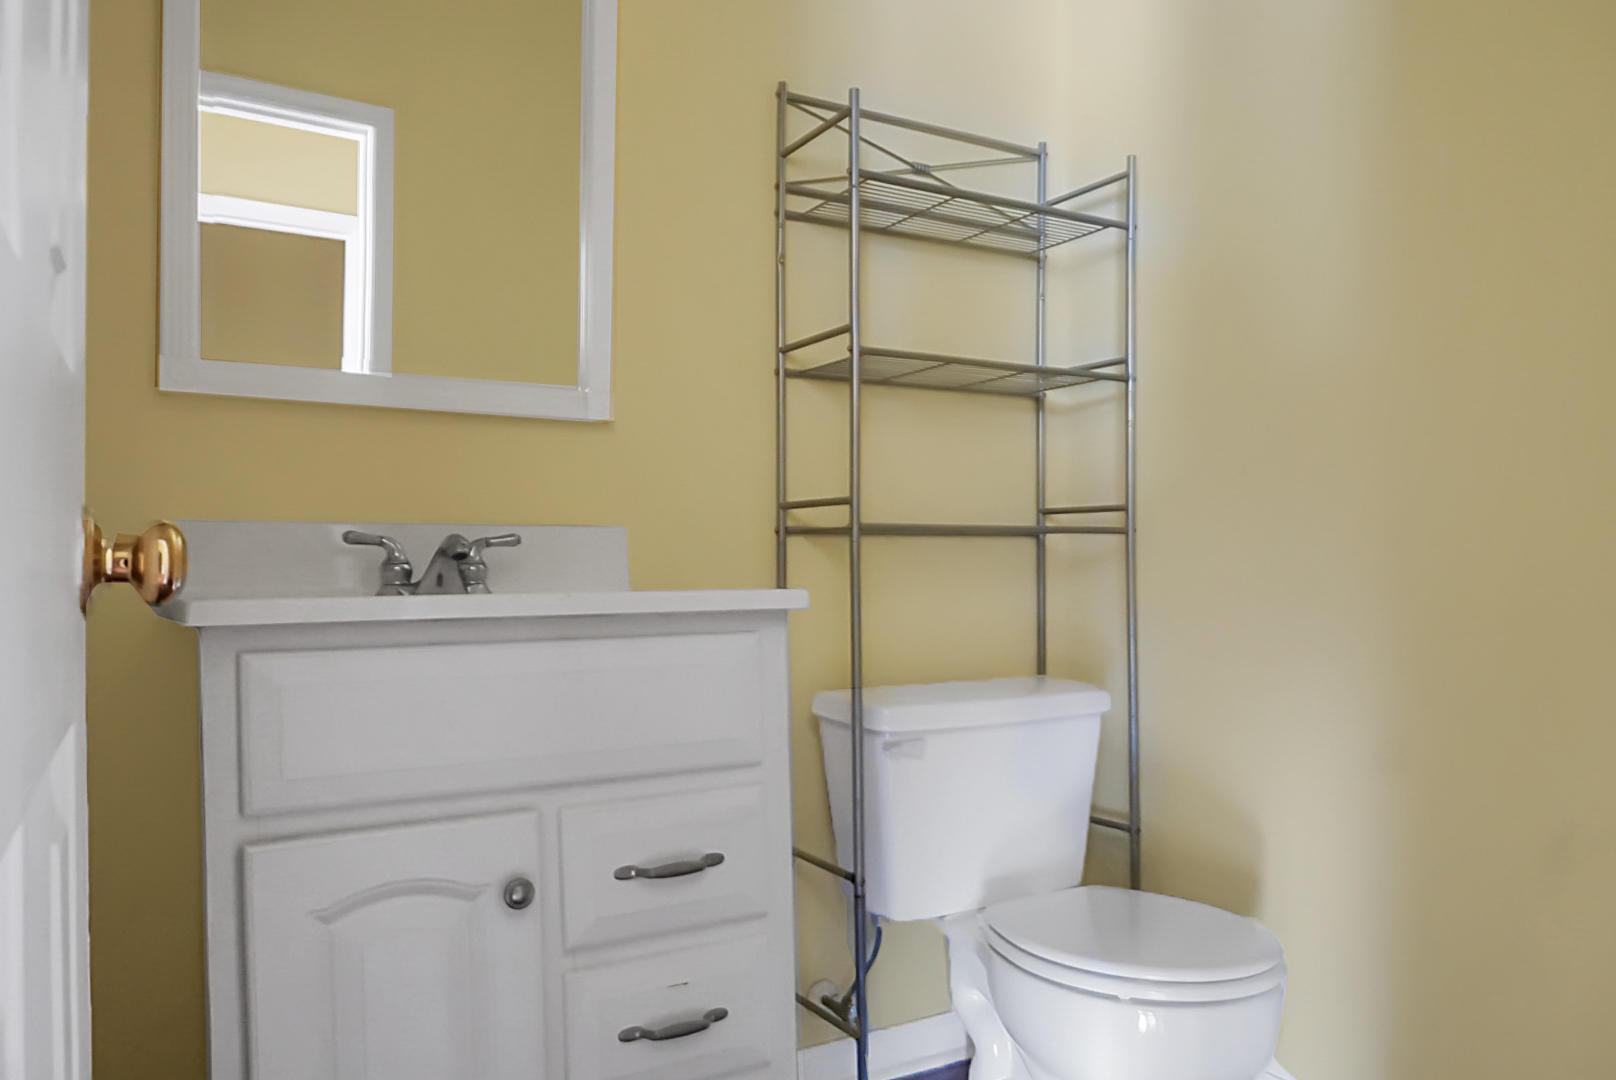 Dunes West Homes For Sale - 3209 Carmel Bay, Mount Pleasant, SC - 31